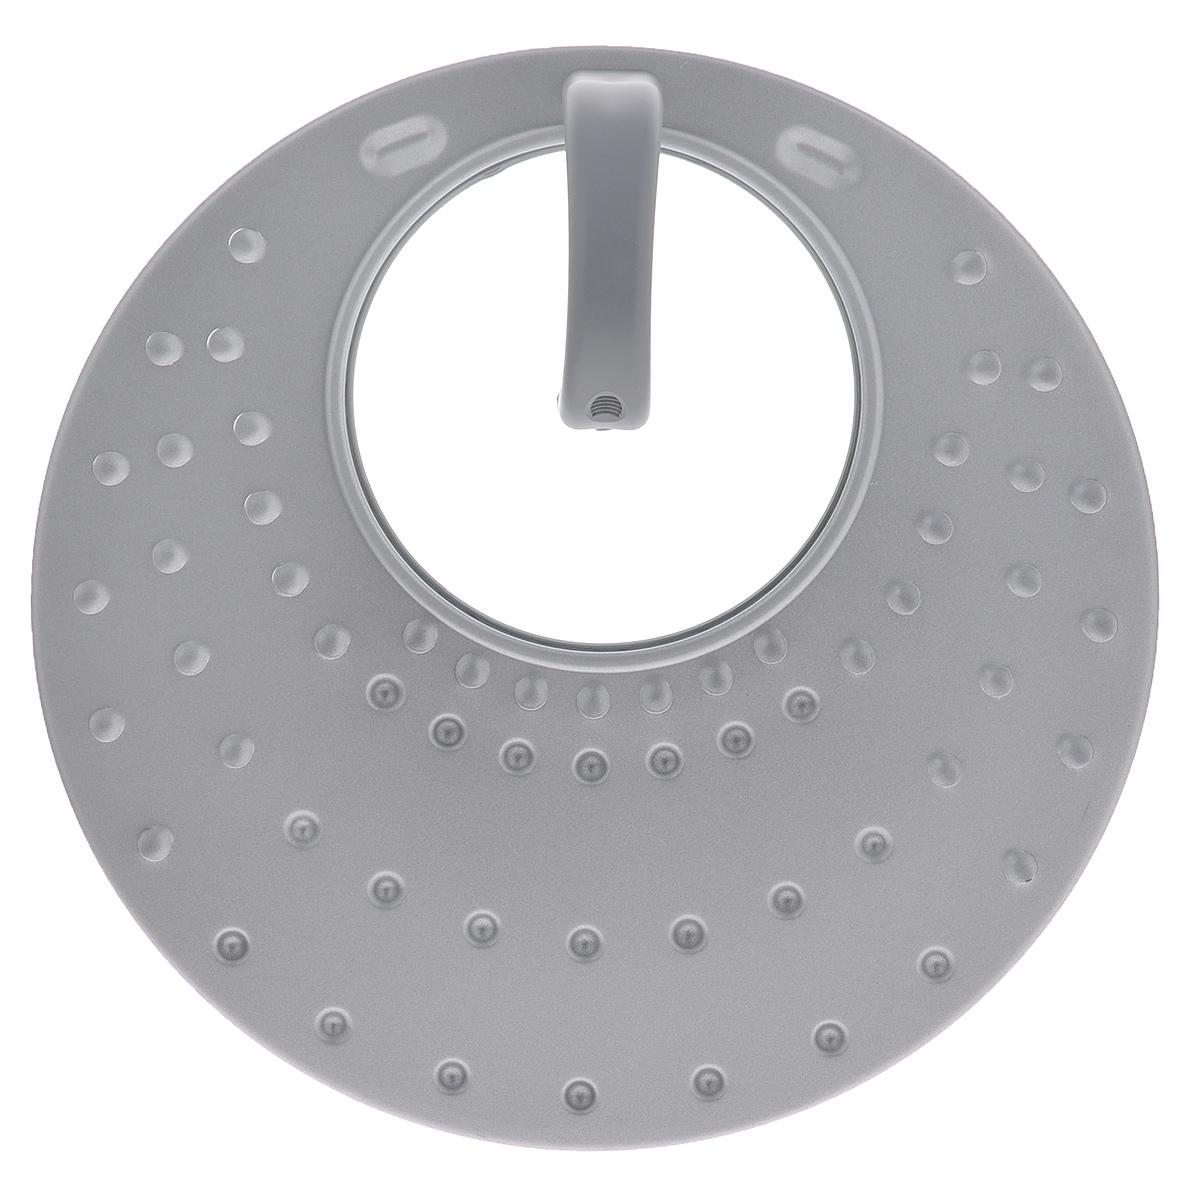 Крышка универсальная Travola, цвет: серебристый. Диаметр от 20 до 30 см.XCS-30ML/GКрышка Travola выполнена из высококачественной стали с круглой вставкой из стекла. На поверхности крышки имеются многочисленные отверстия для вывода пара. Данная крышка подойдет как для сковороды, так и для кастрюли. А оригинальный дизайн не оставит равнодушной ни одну хозяйку.